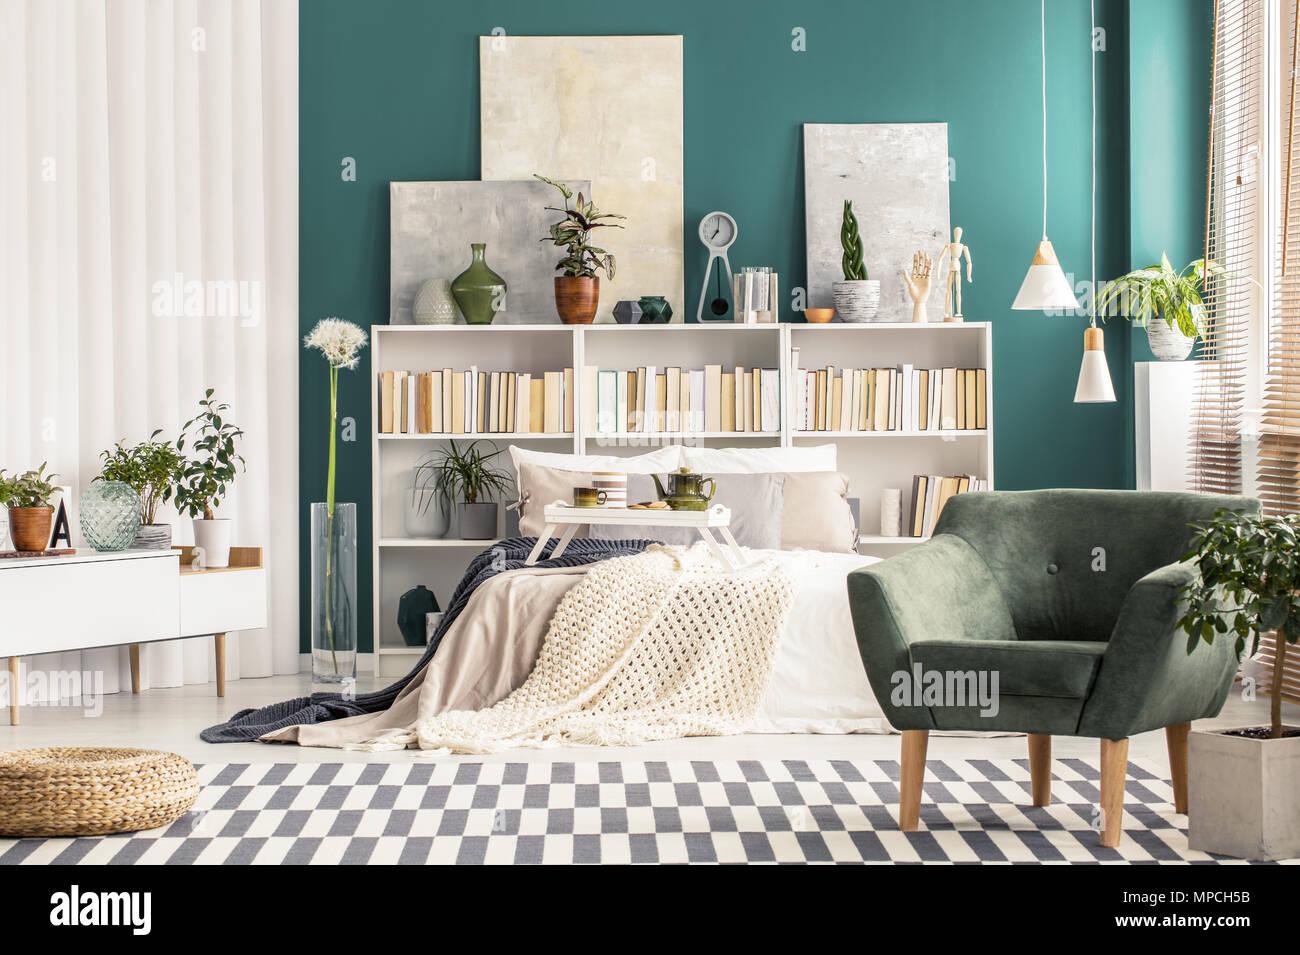 Camera Da Letto Parete Turchese : Camera da letto turchese tappeti tappeti tappeti spessi pile di